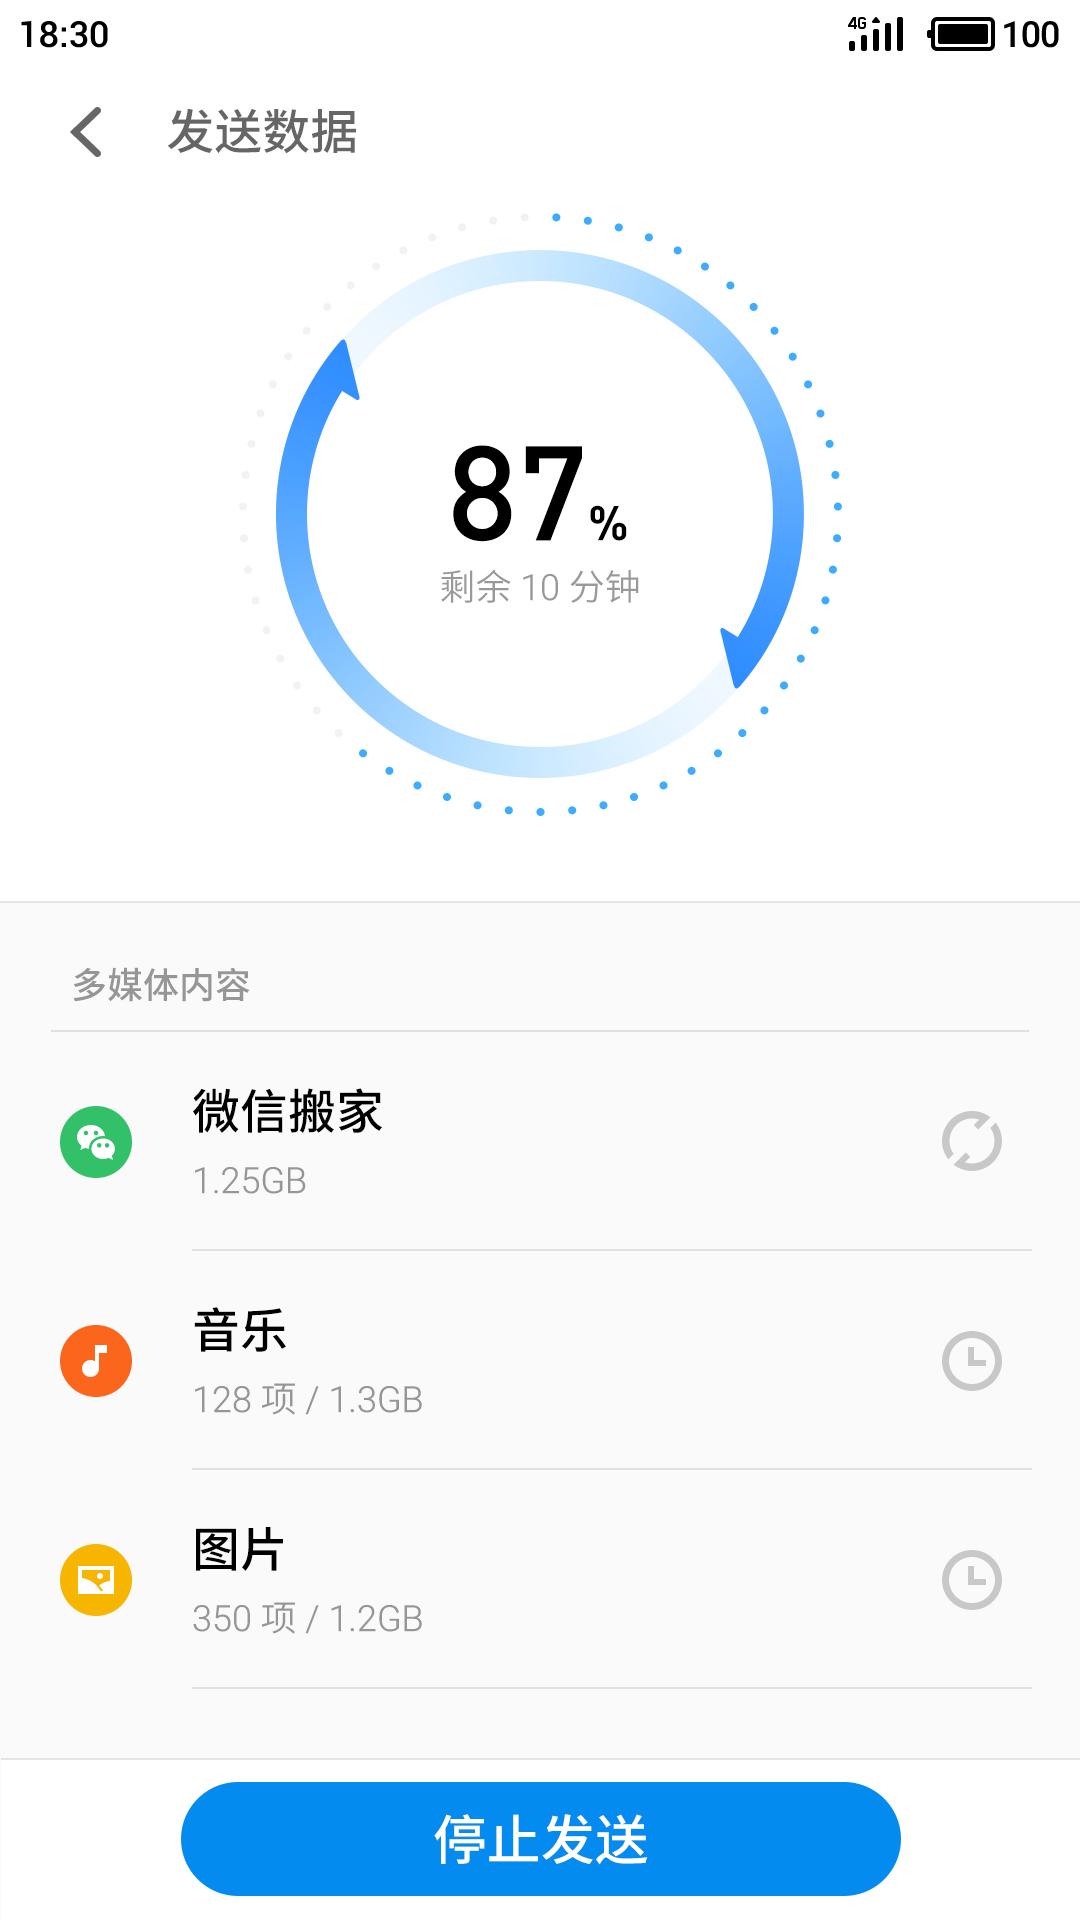 魅族换机助手 V2.2.4 安卓版截图1